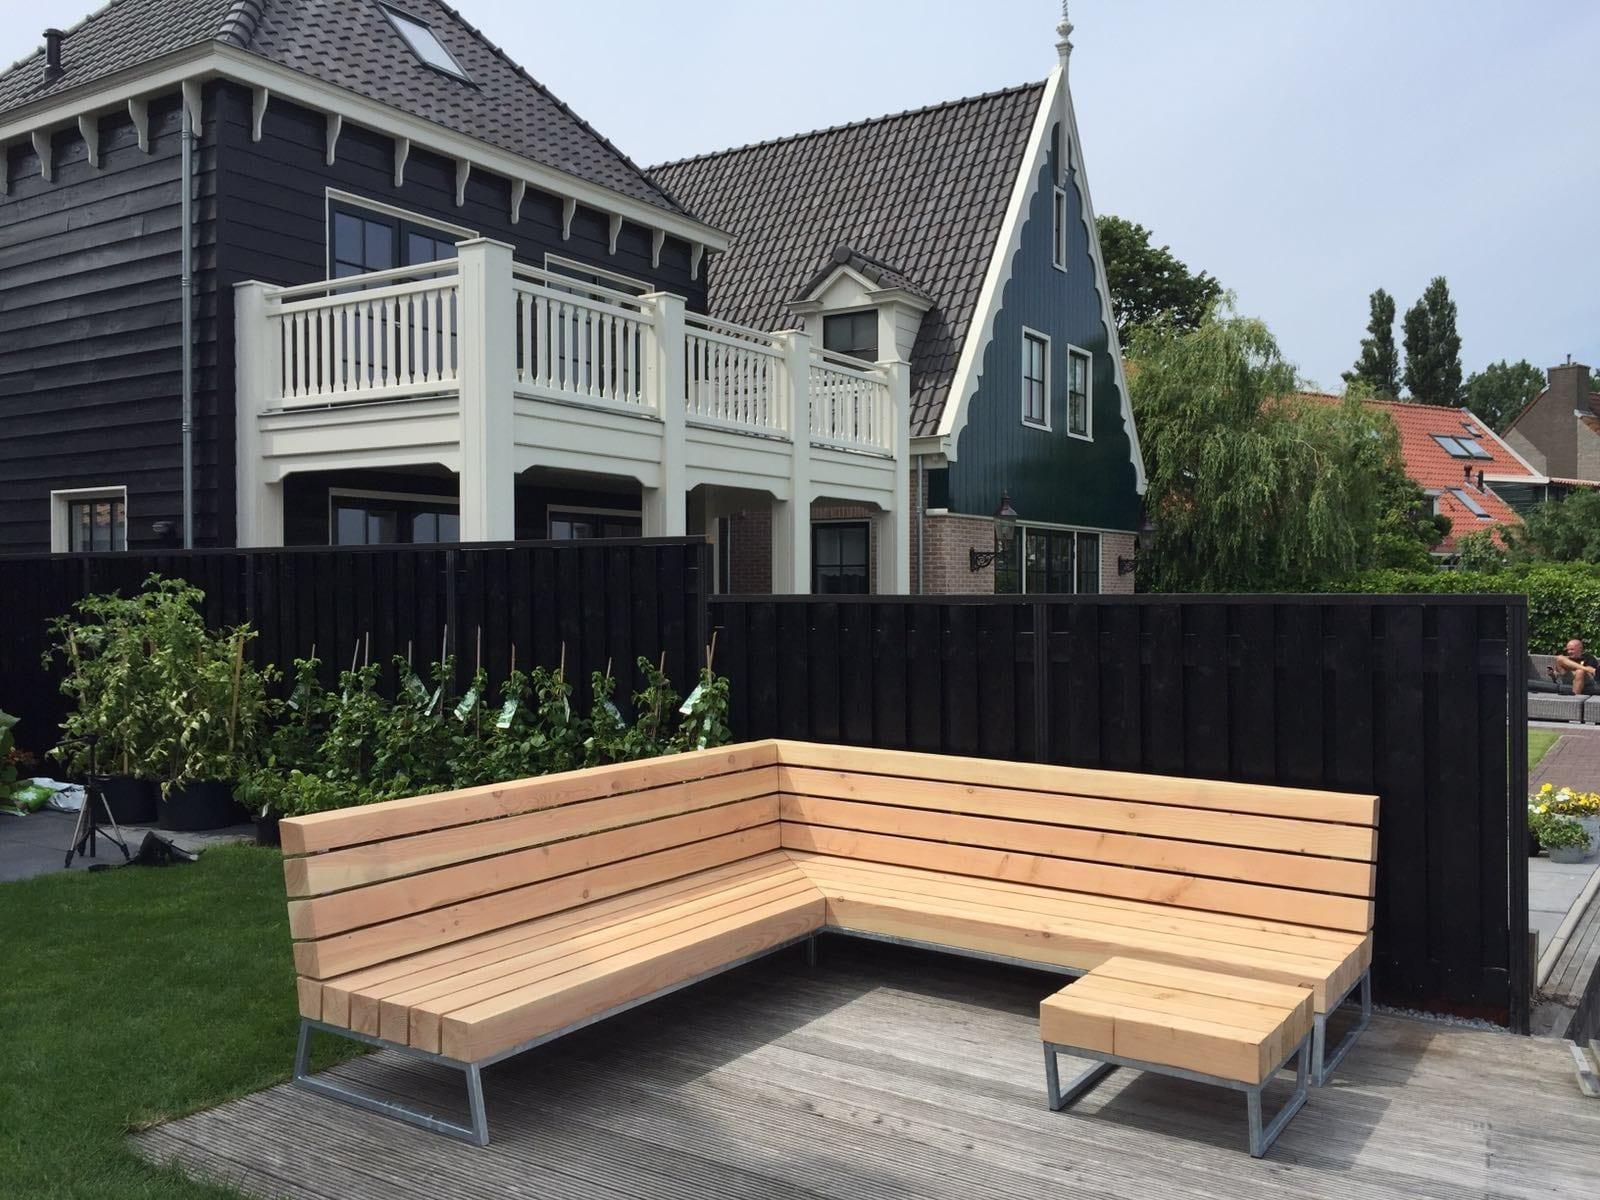 hoek loungebank voor in de tuin meubelmakerij houtkwadraat. Black Bedroom Furniture Sets. Home Design Ideas